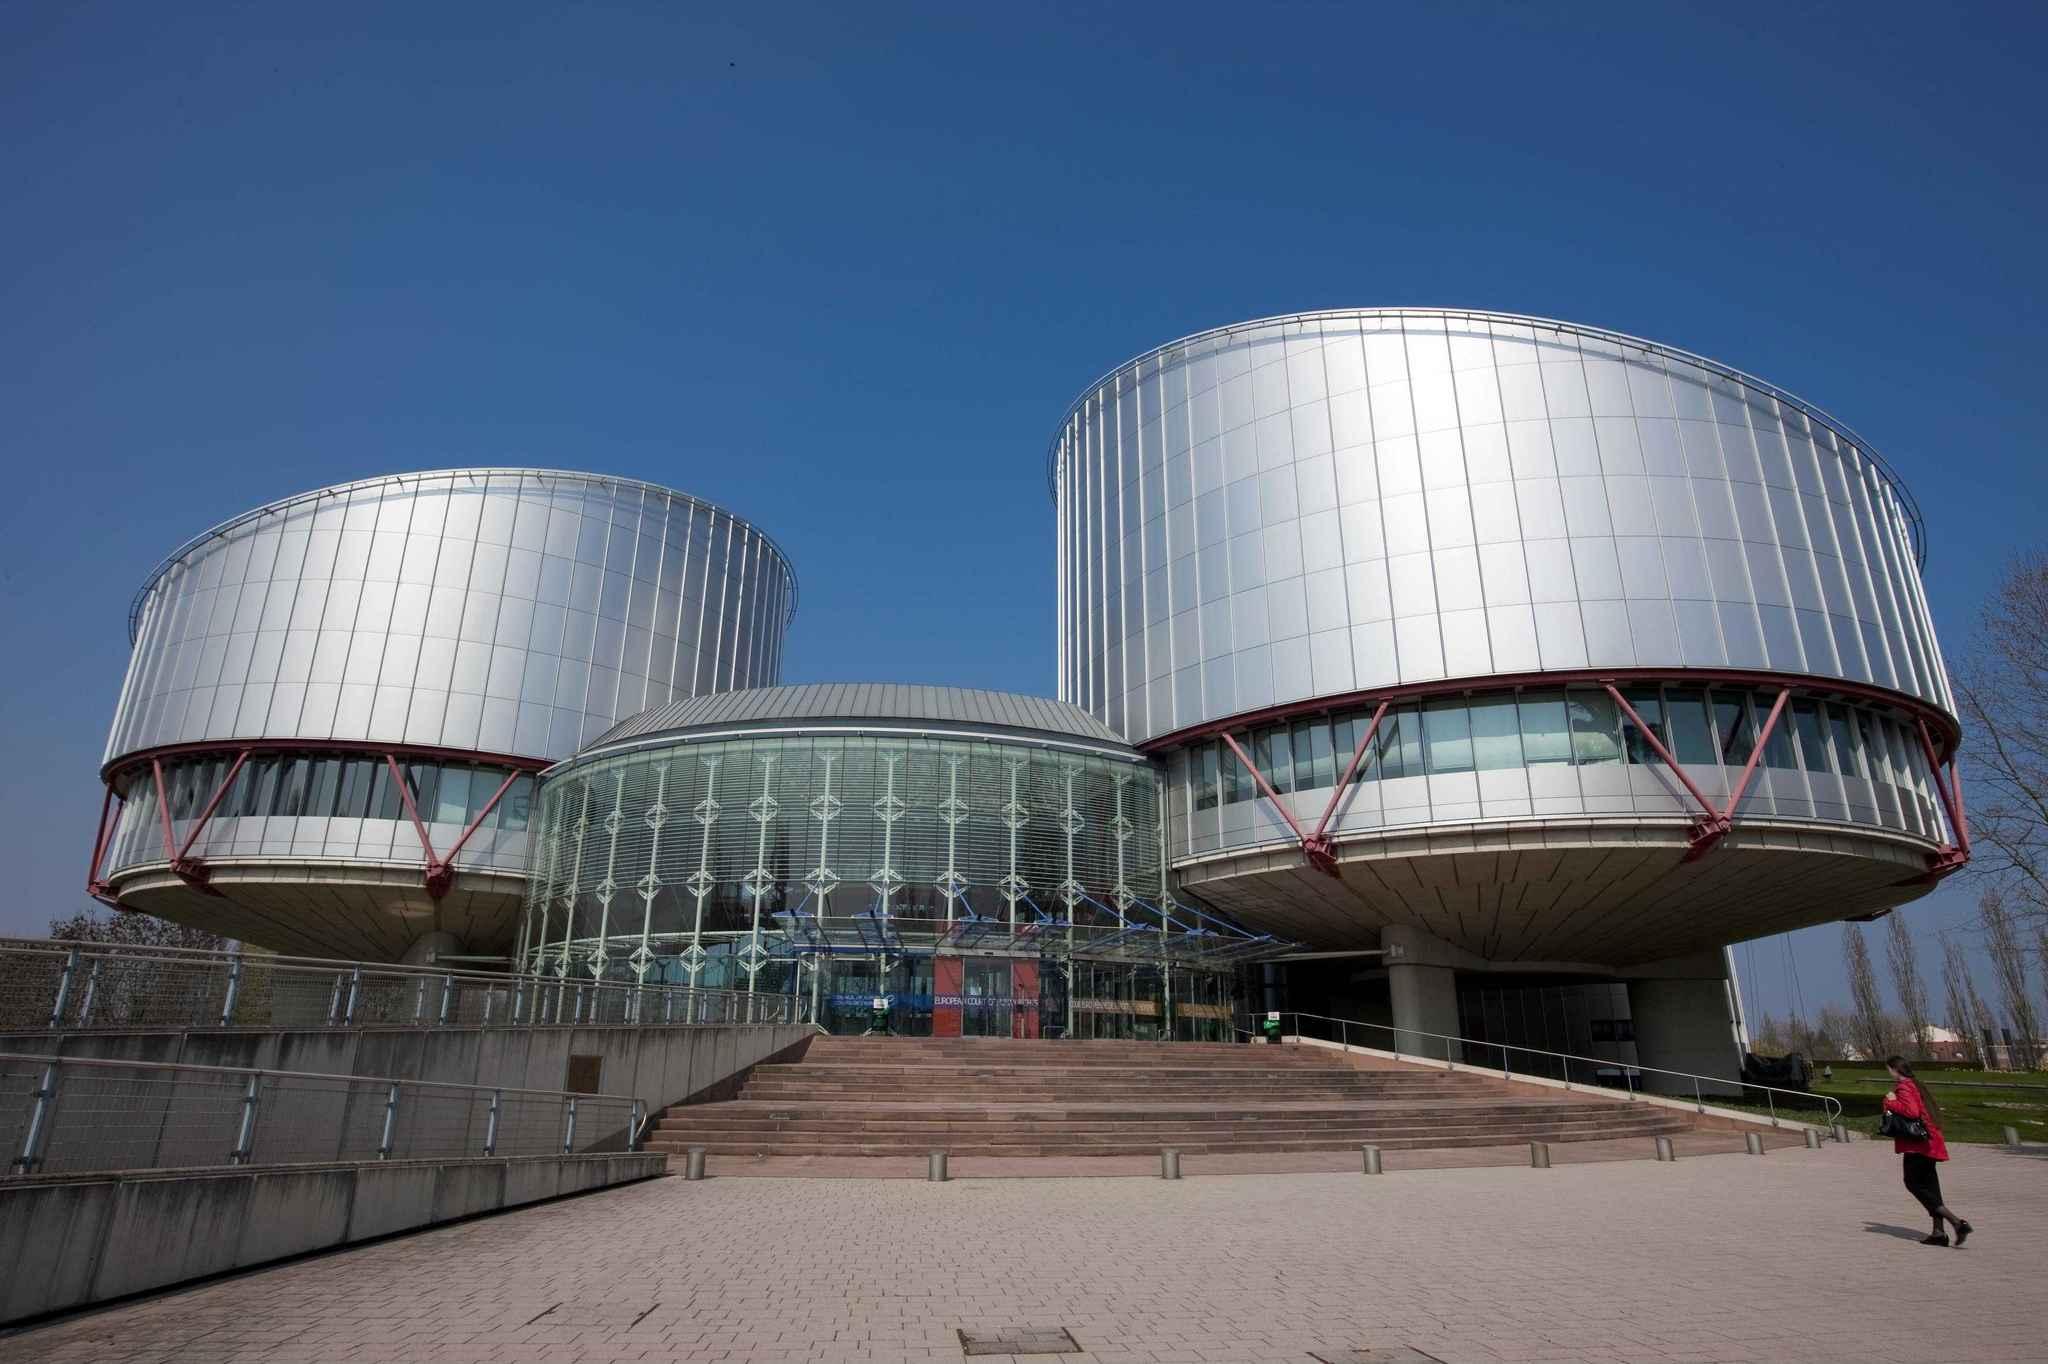 grande chambre de la cour europeenne des droits de l homme